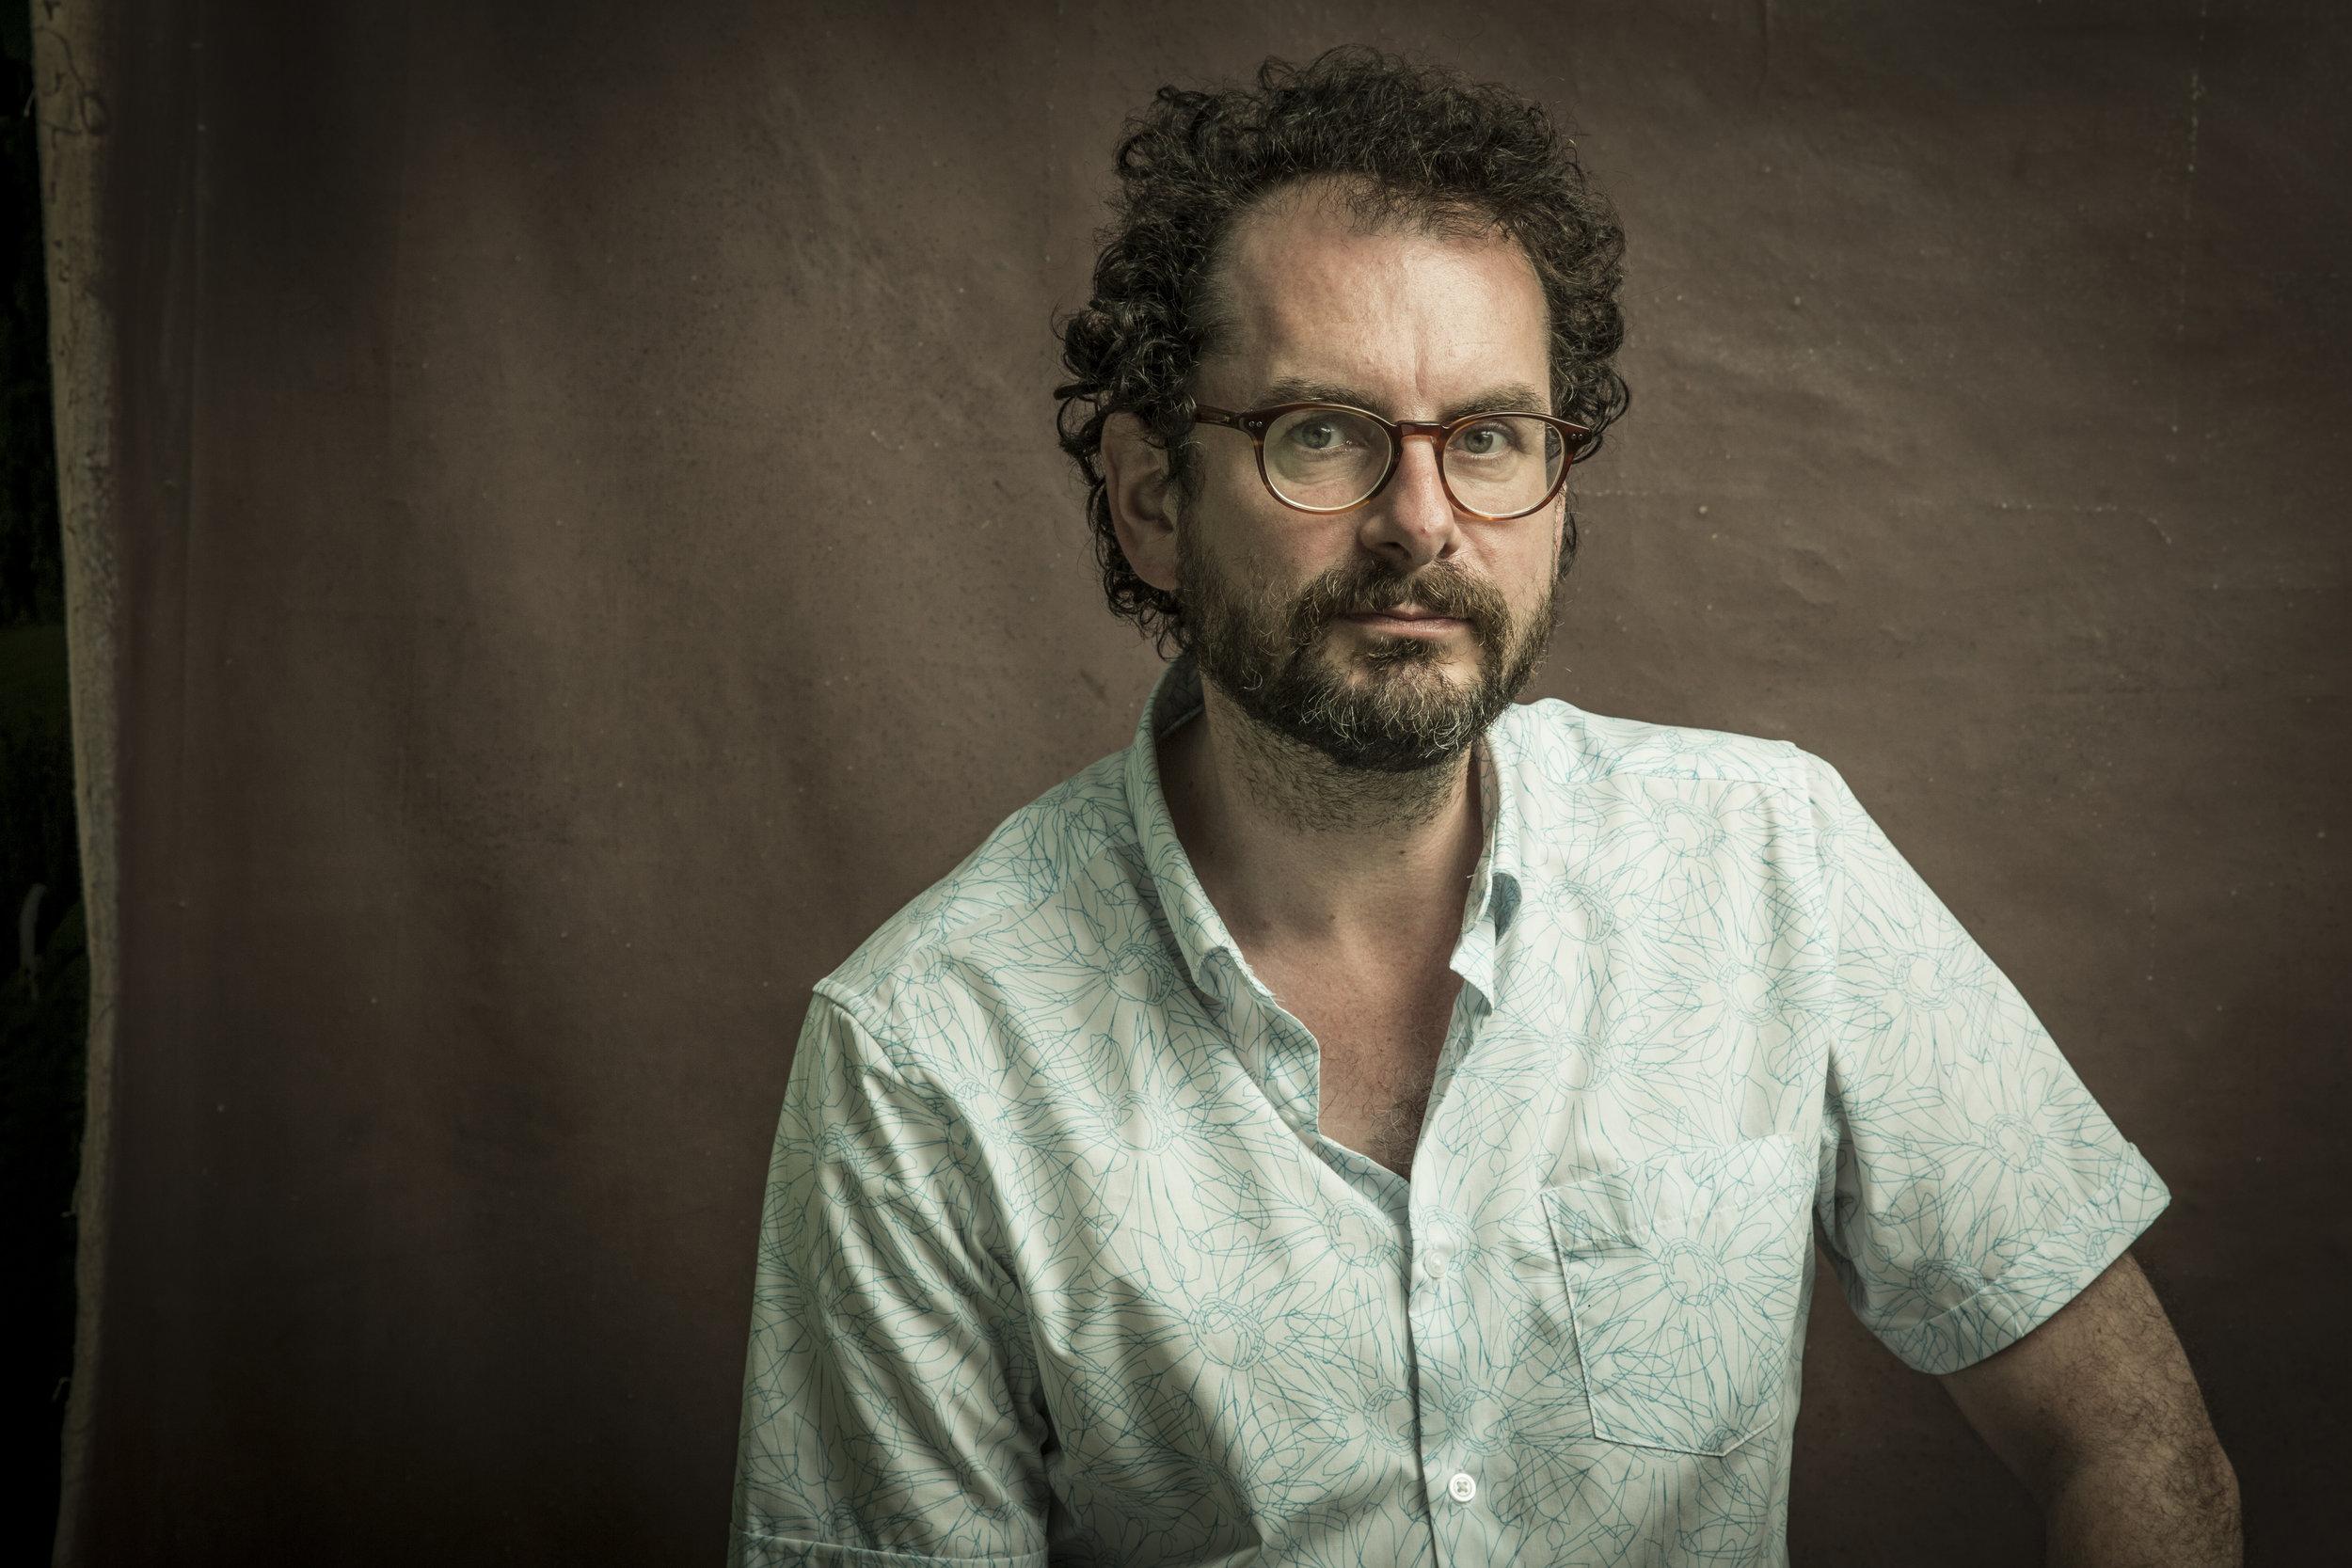 (c) Paul Musso / Hay Festival